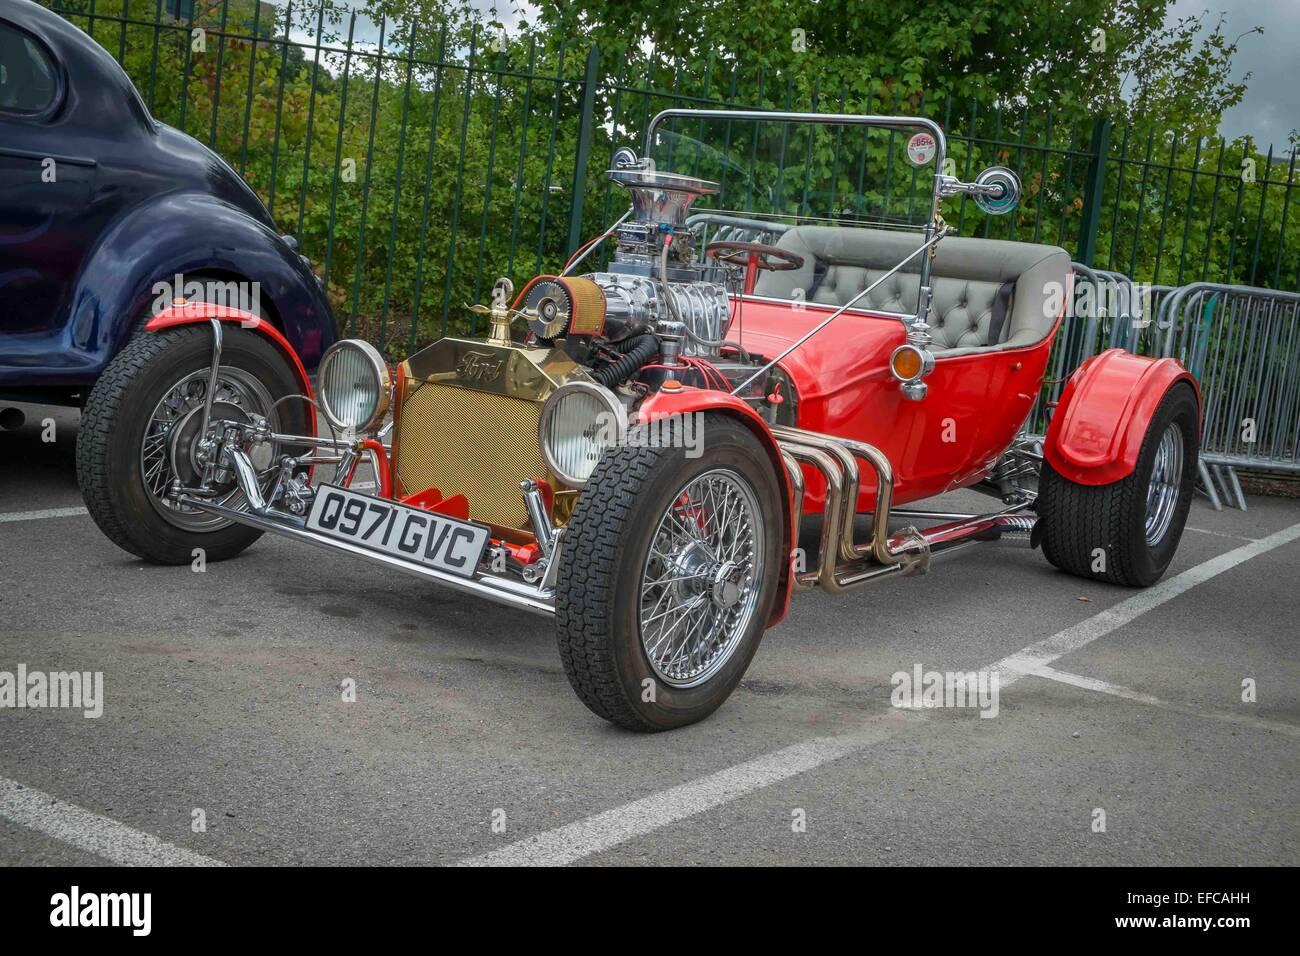 1920s Racing Cars Stock Photos & 1920s Racing Cars Stock Images - Alamy